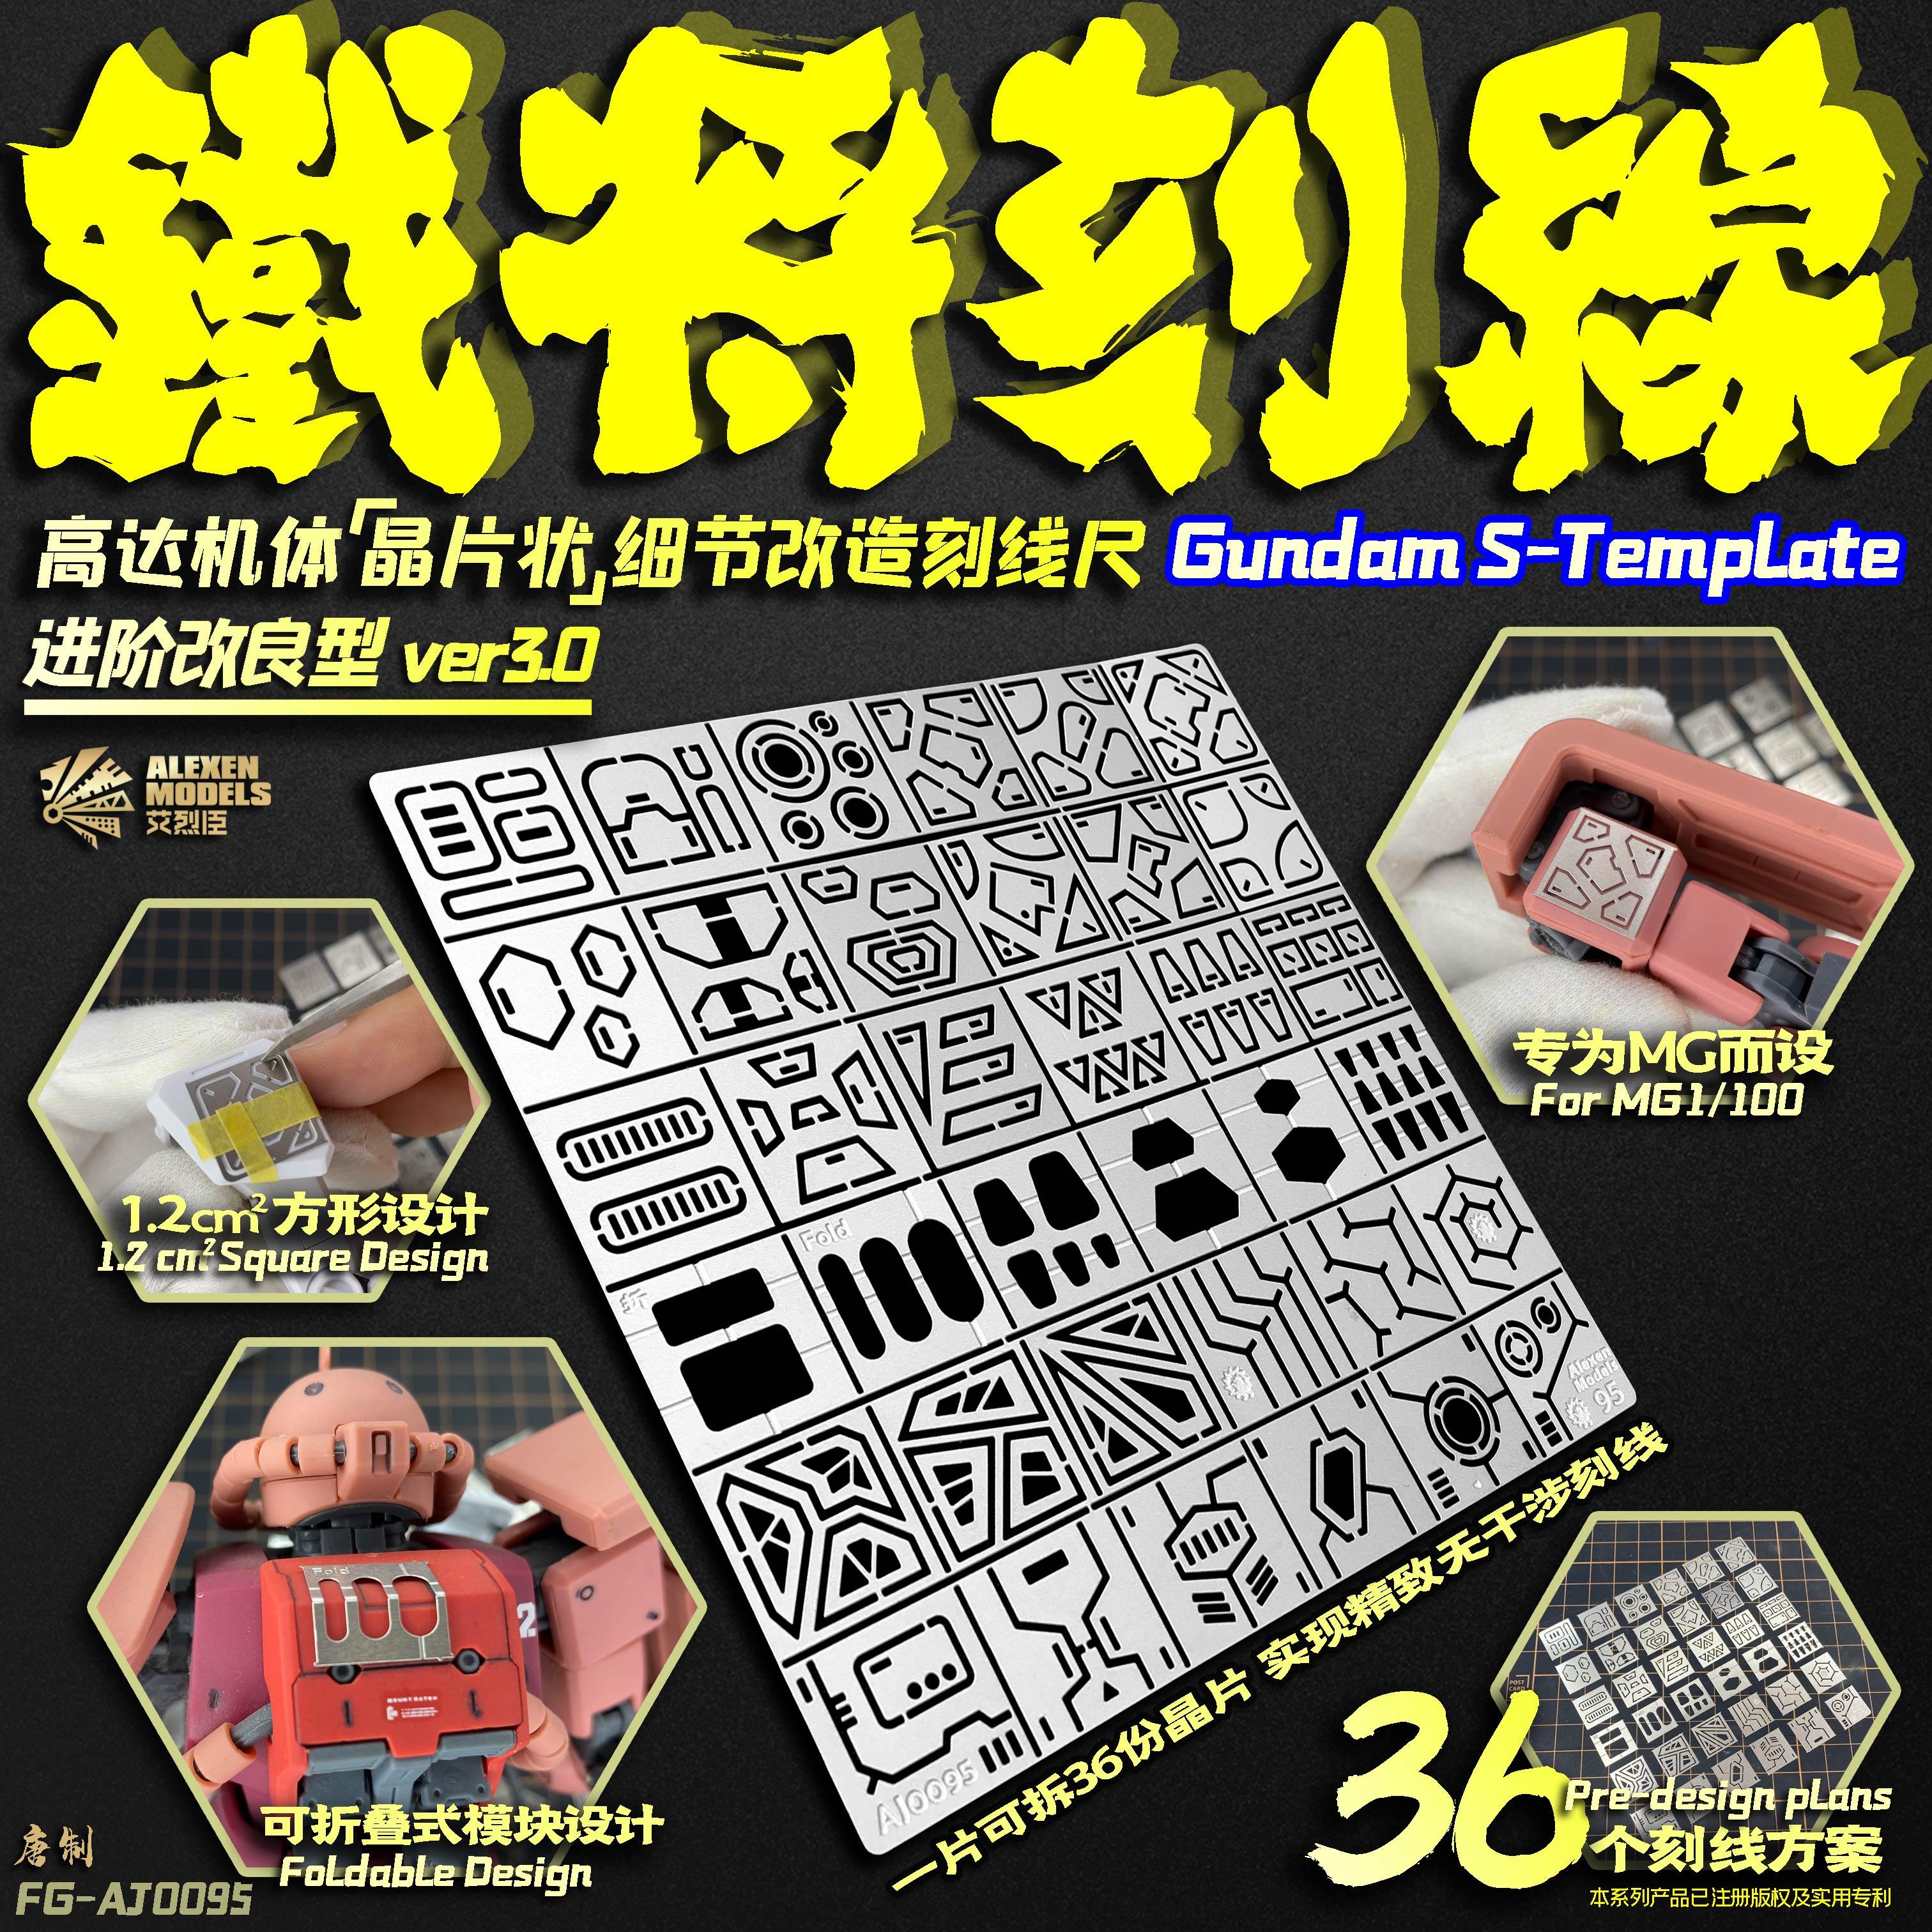 【艾烈臣】AJ0095铁将晶片状刻线细节改造辅助尺 高达模型工具